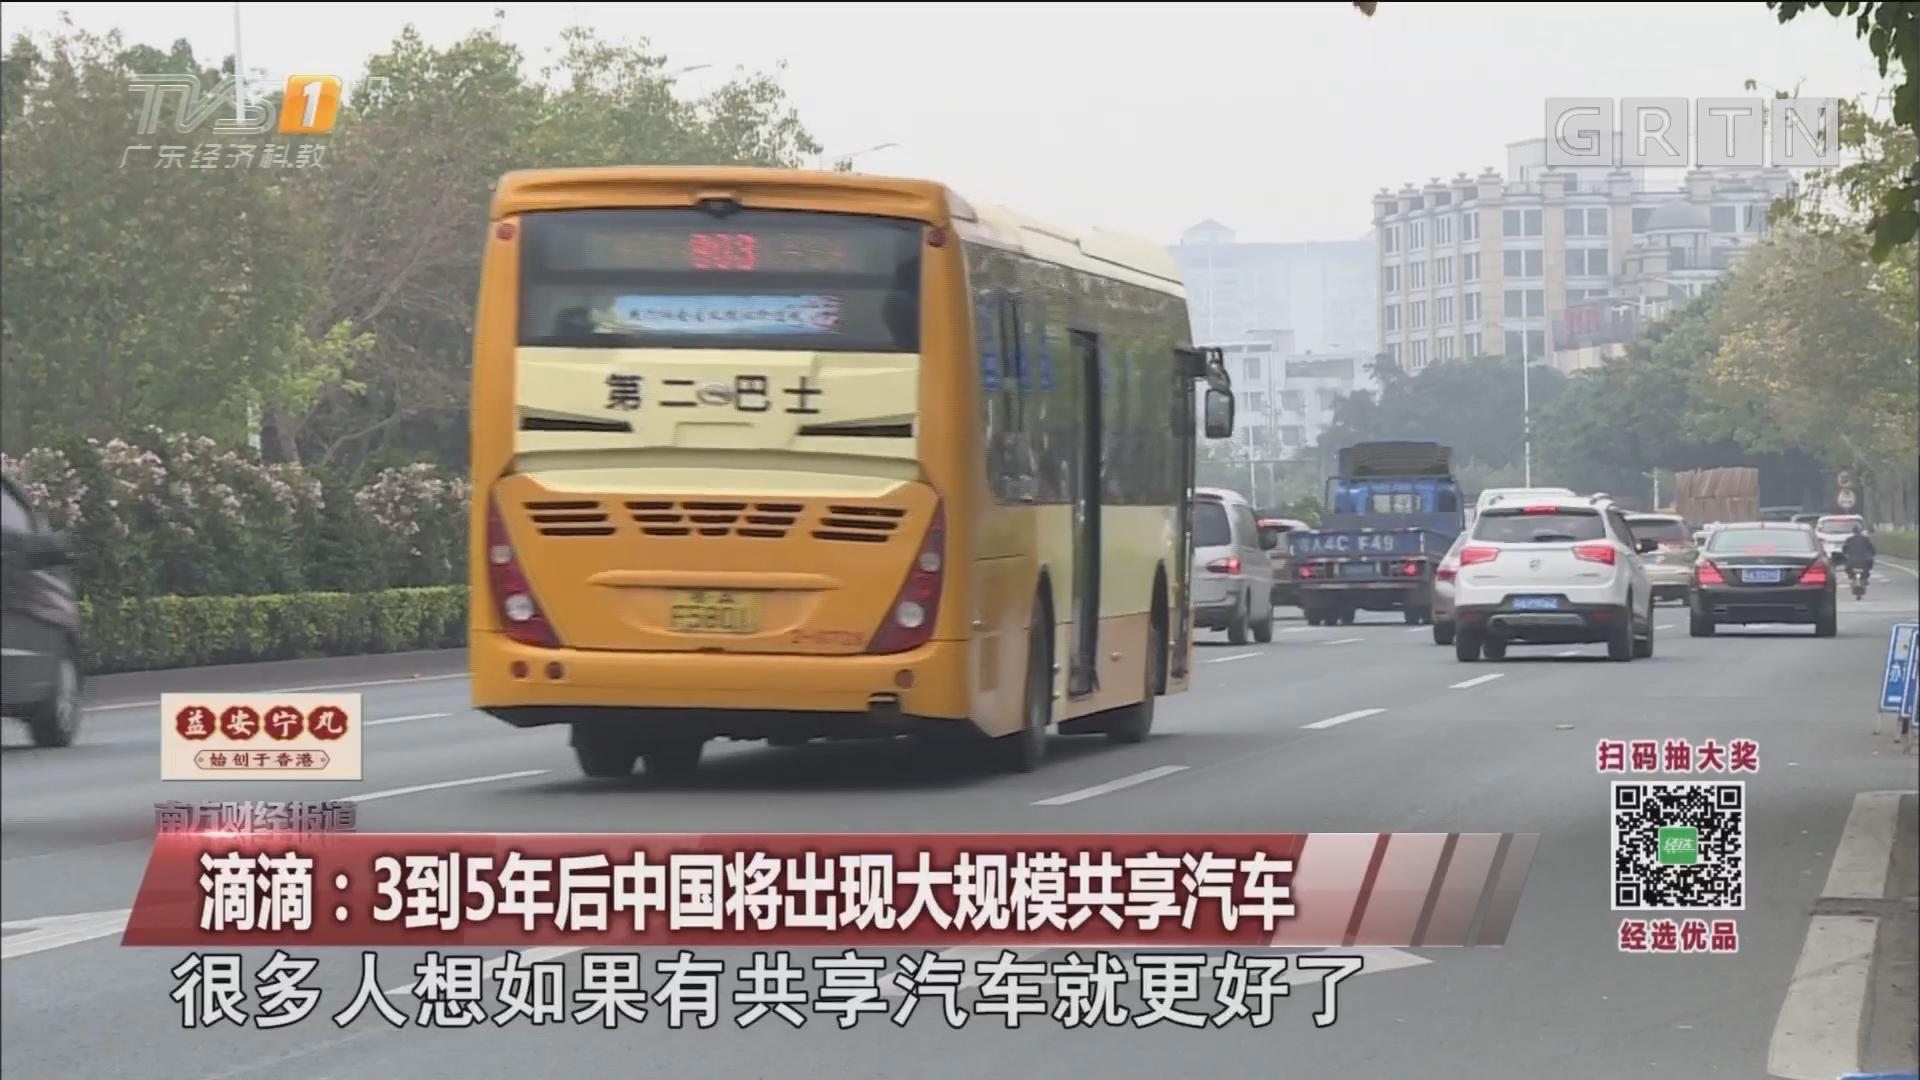 滴滴:3到5年后中国将出现大规模共享汽车